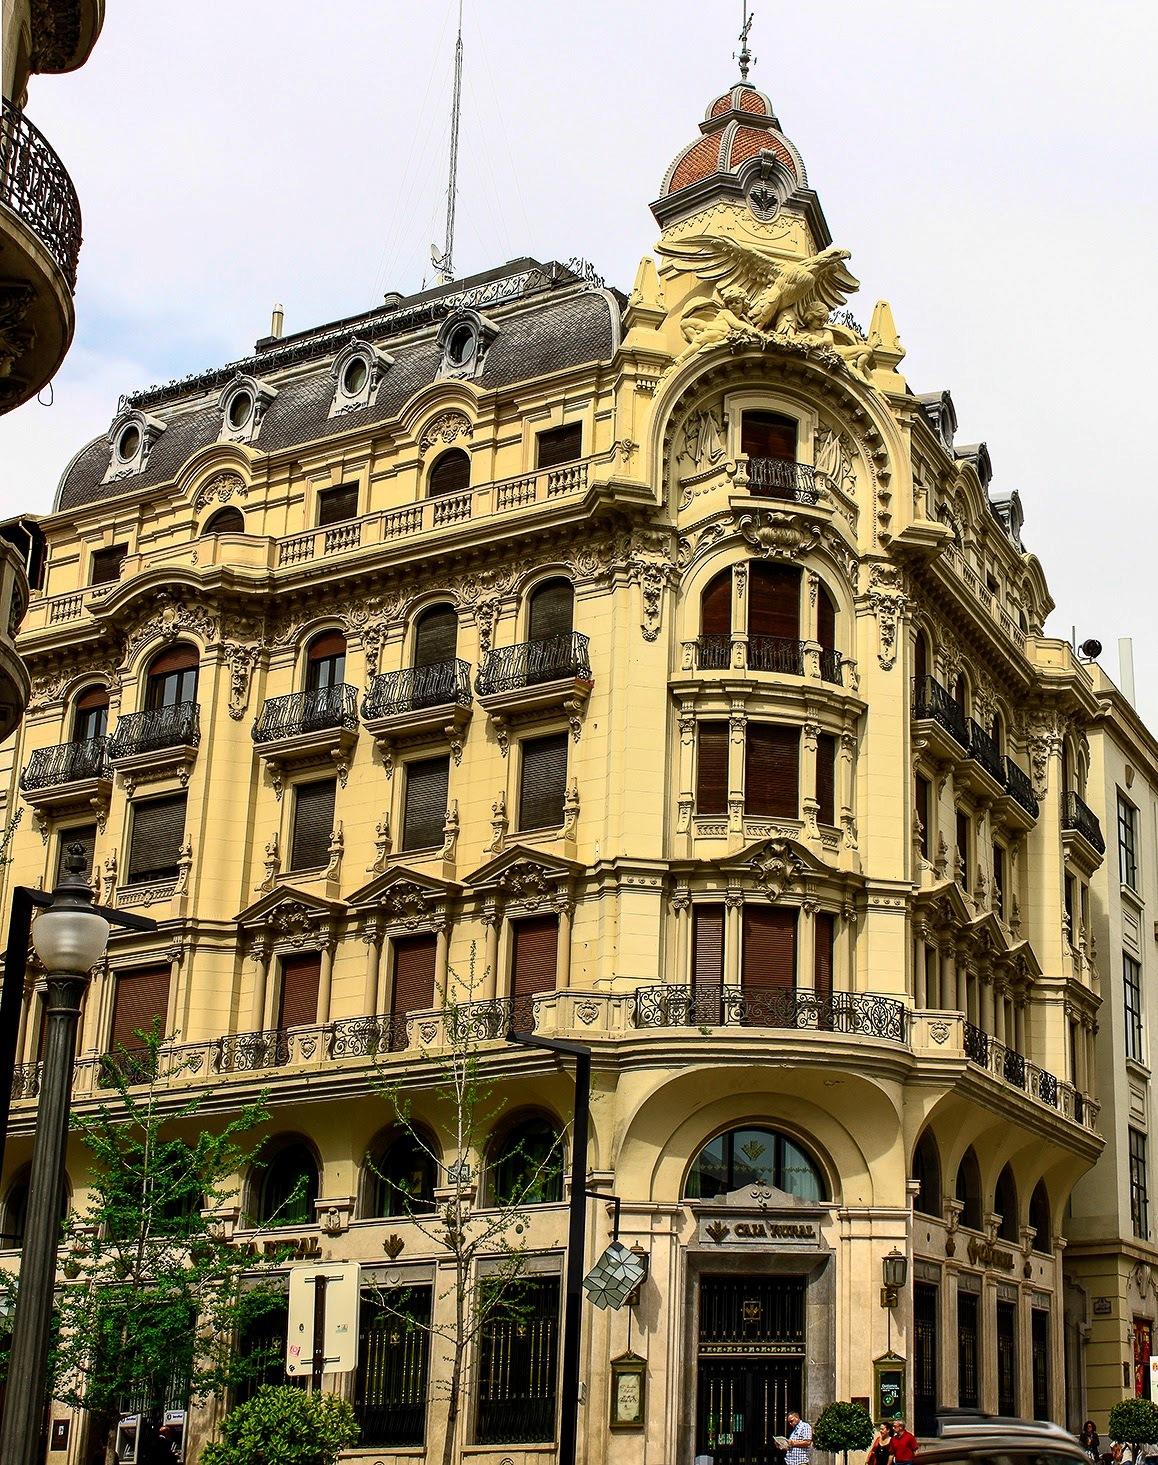 Edificios del siglo xx - Caja granada en madrid ...